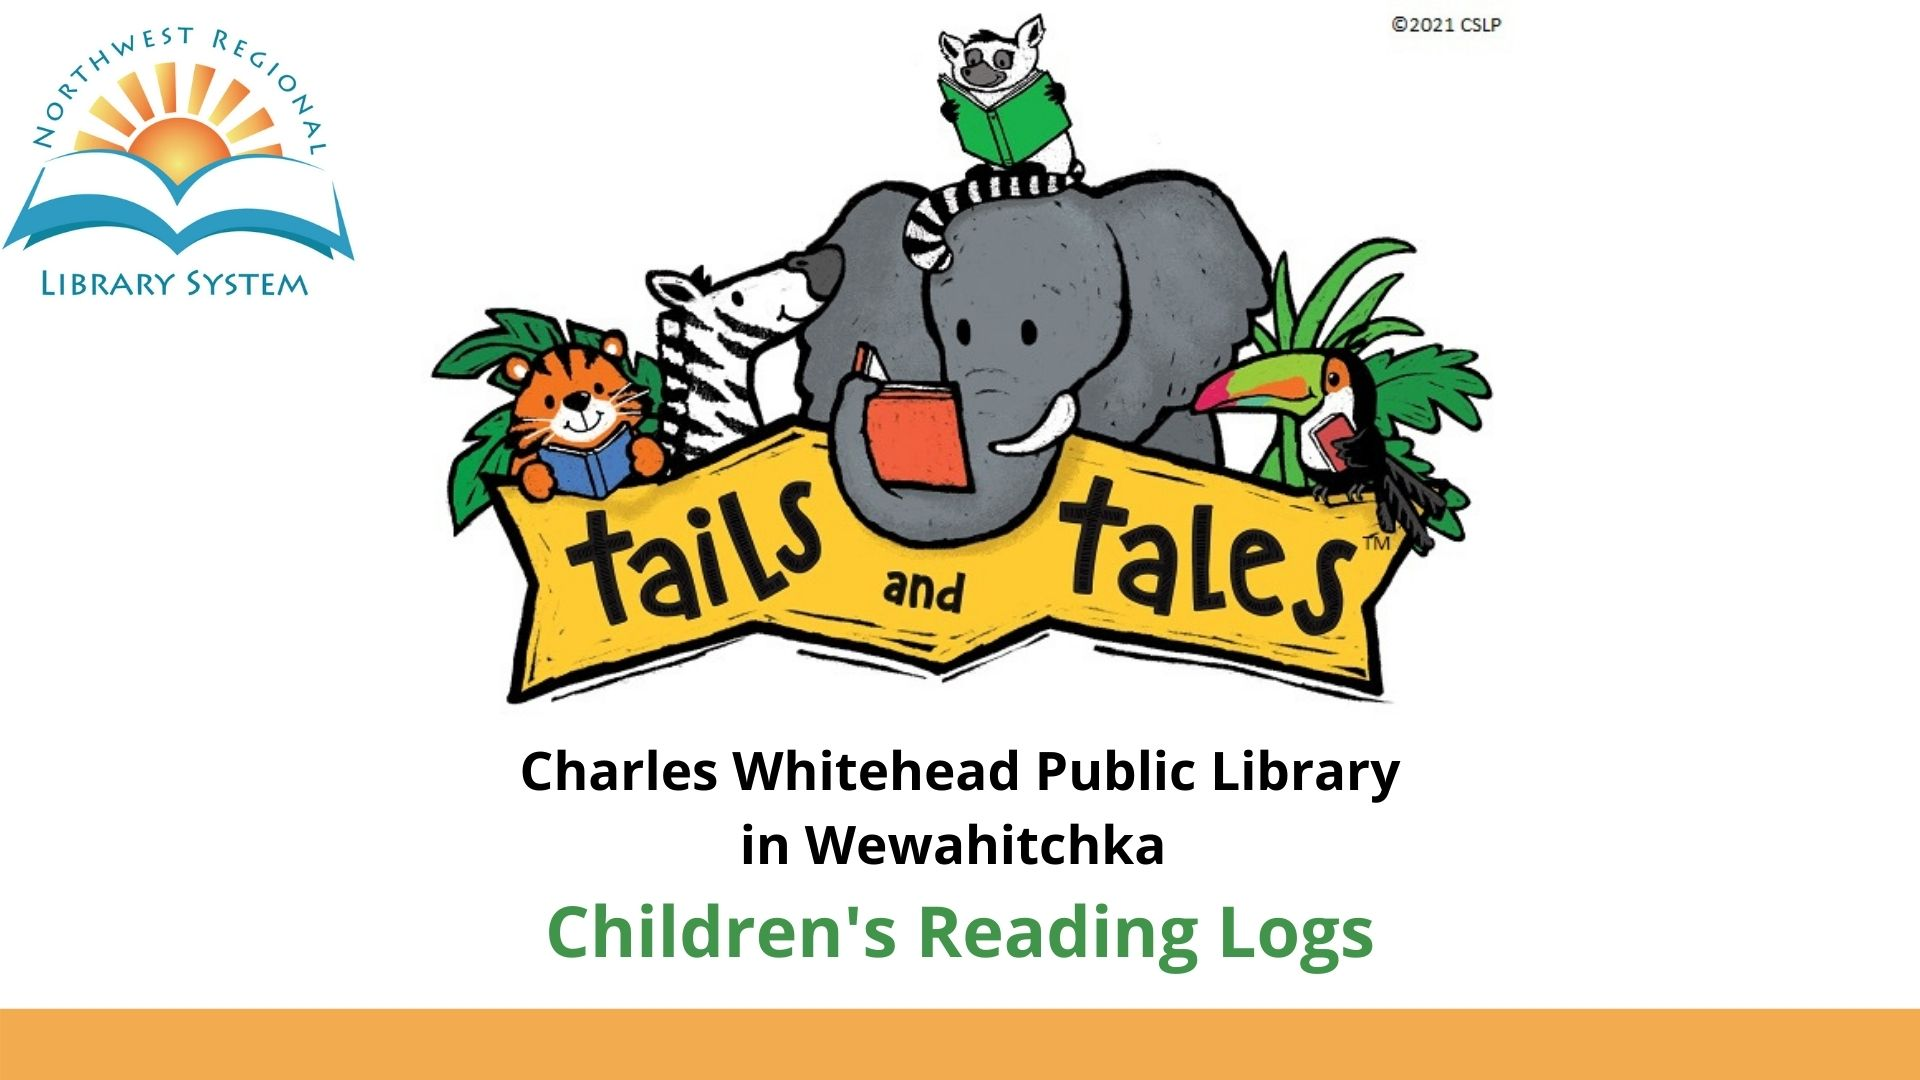 Children's Reading Logs